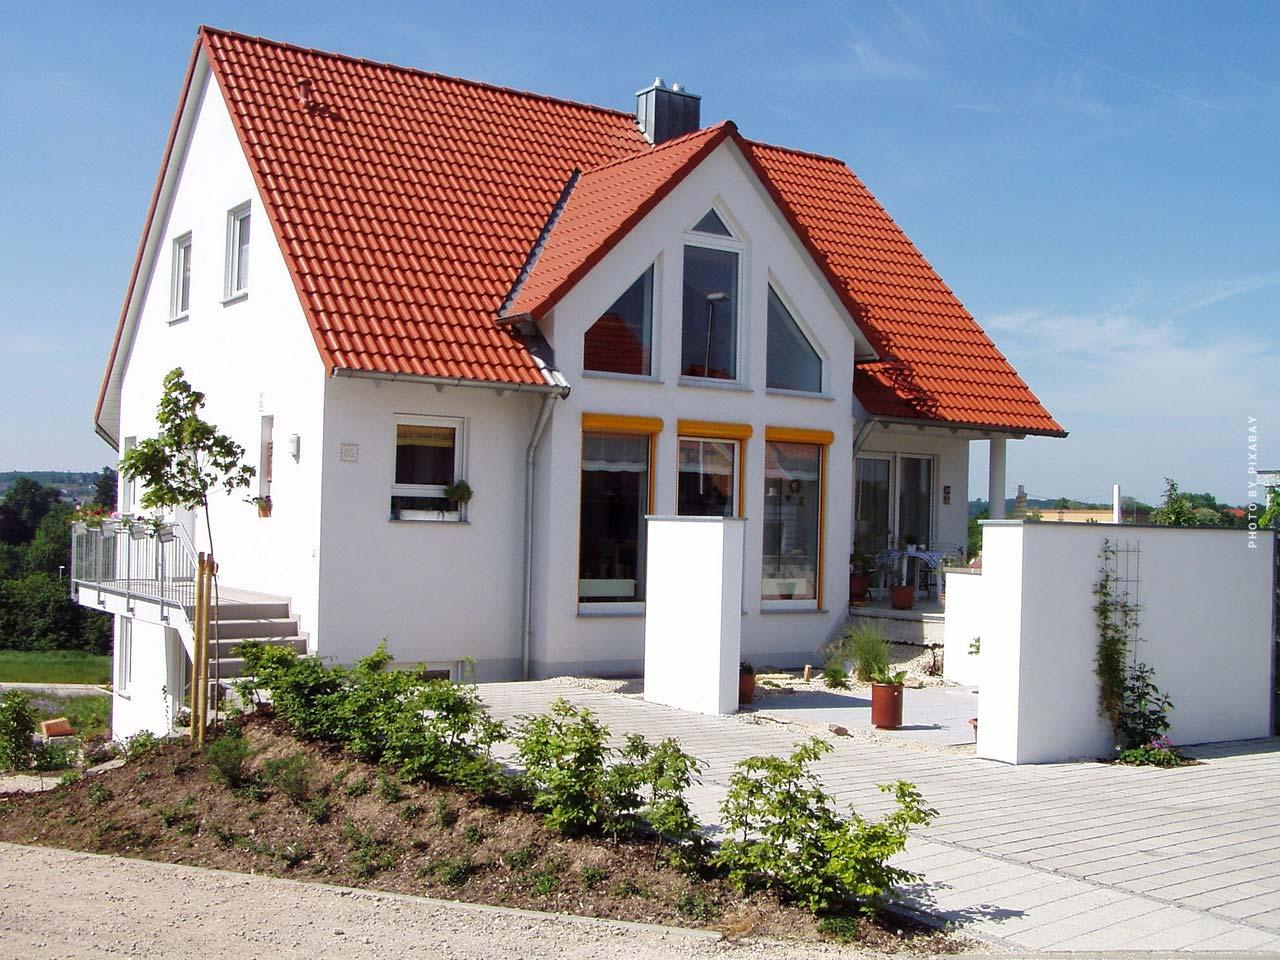 Einfamilienhaus kaufen: Vor- & Nachteile, Preise, Checkliste, Tipps